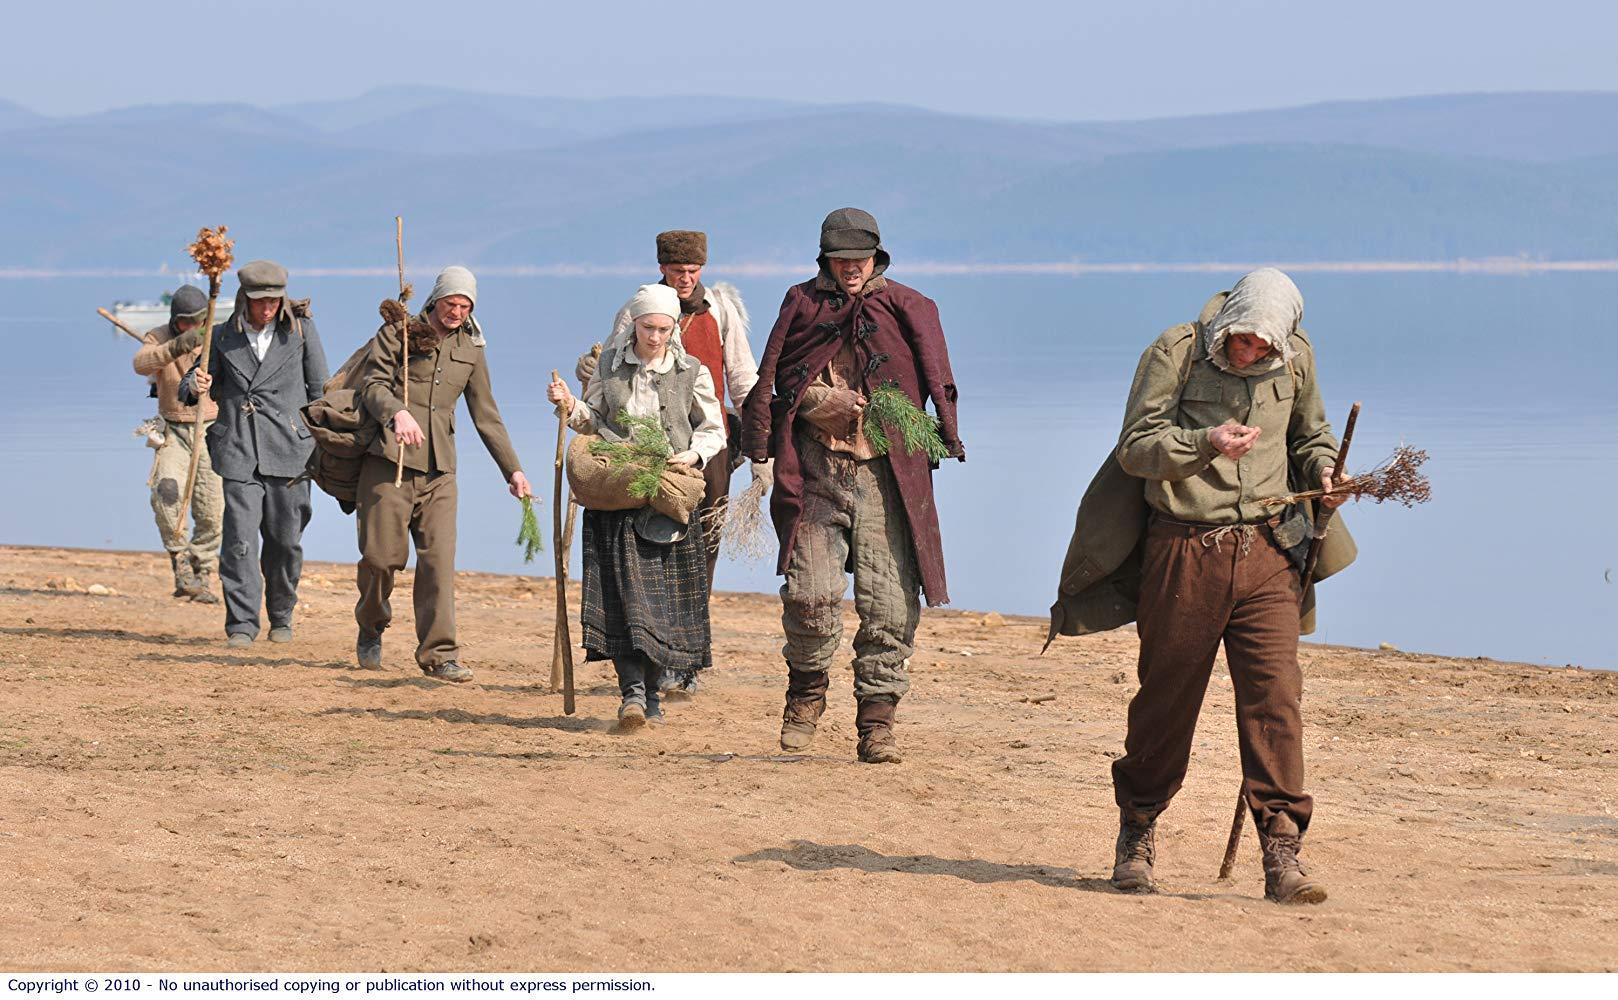 مشاهدة فيلم The Way Back 2010 HD مترجم كامل اون لاين